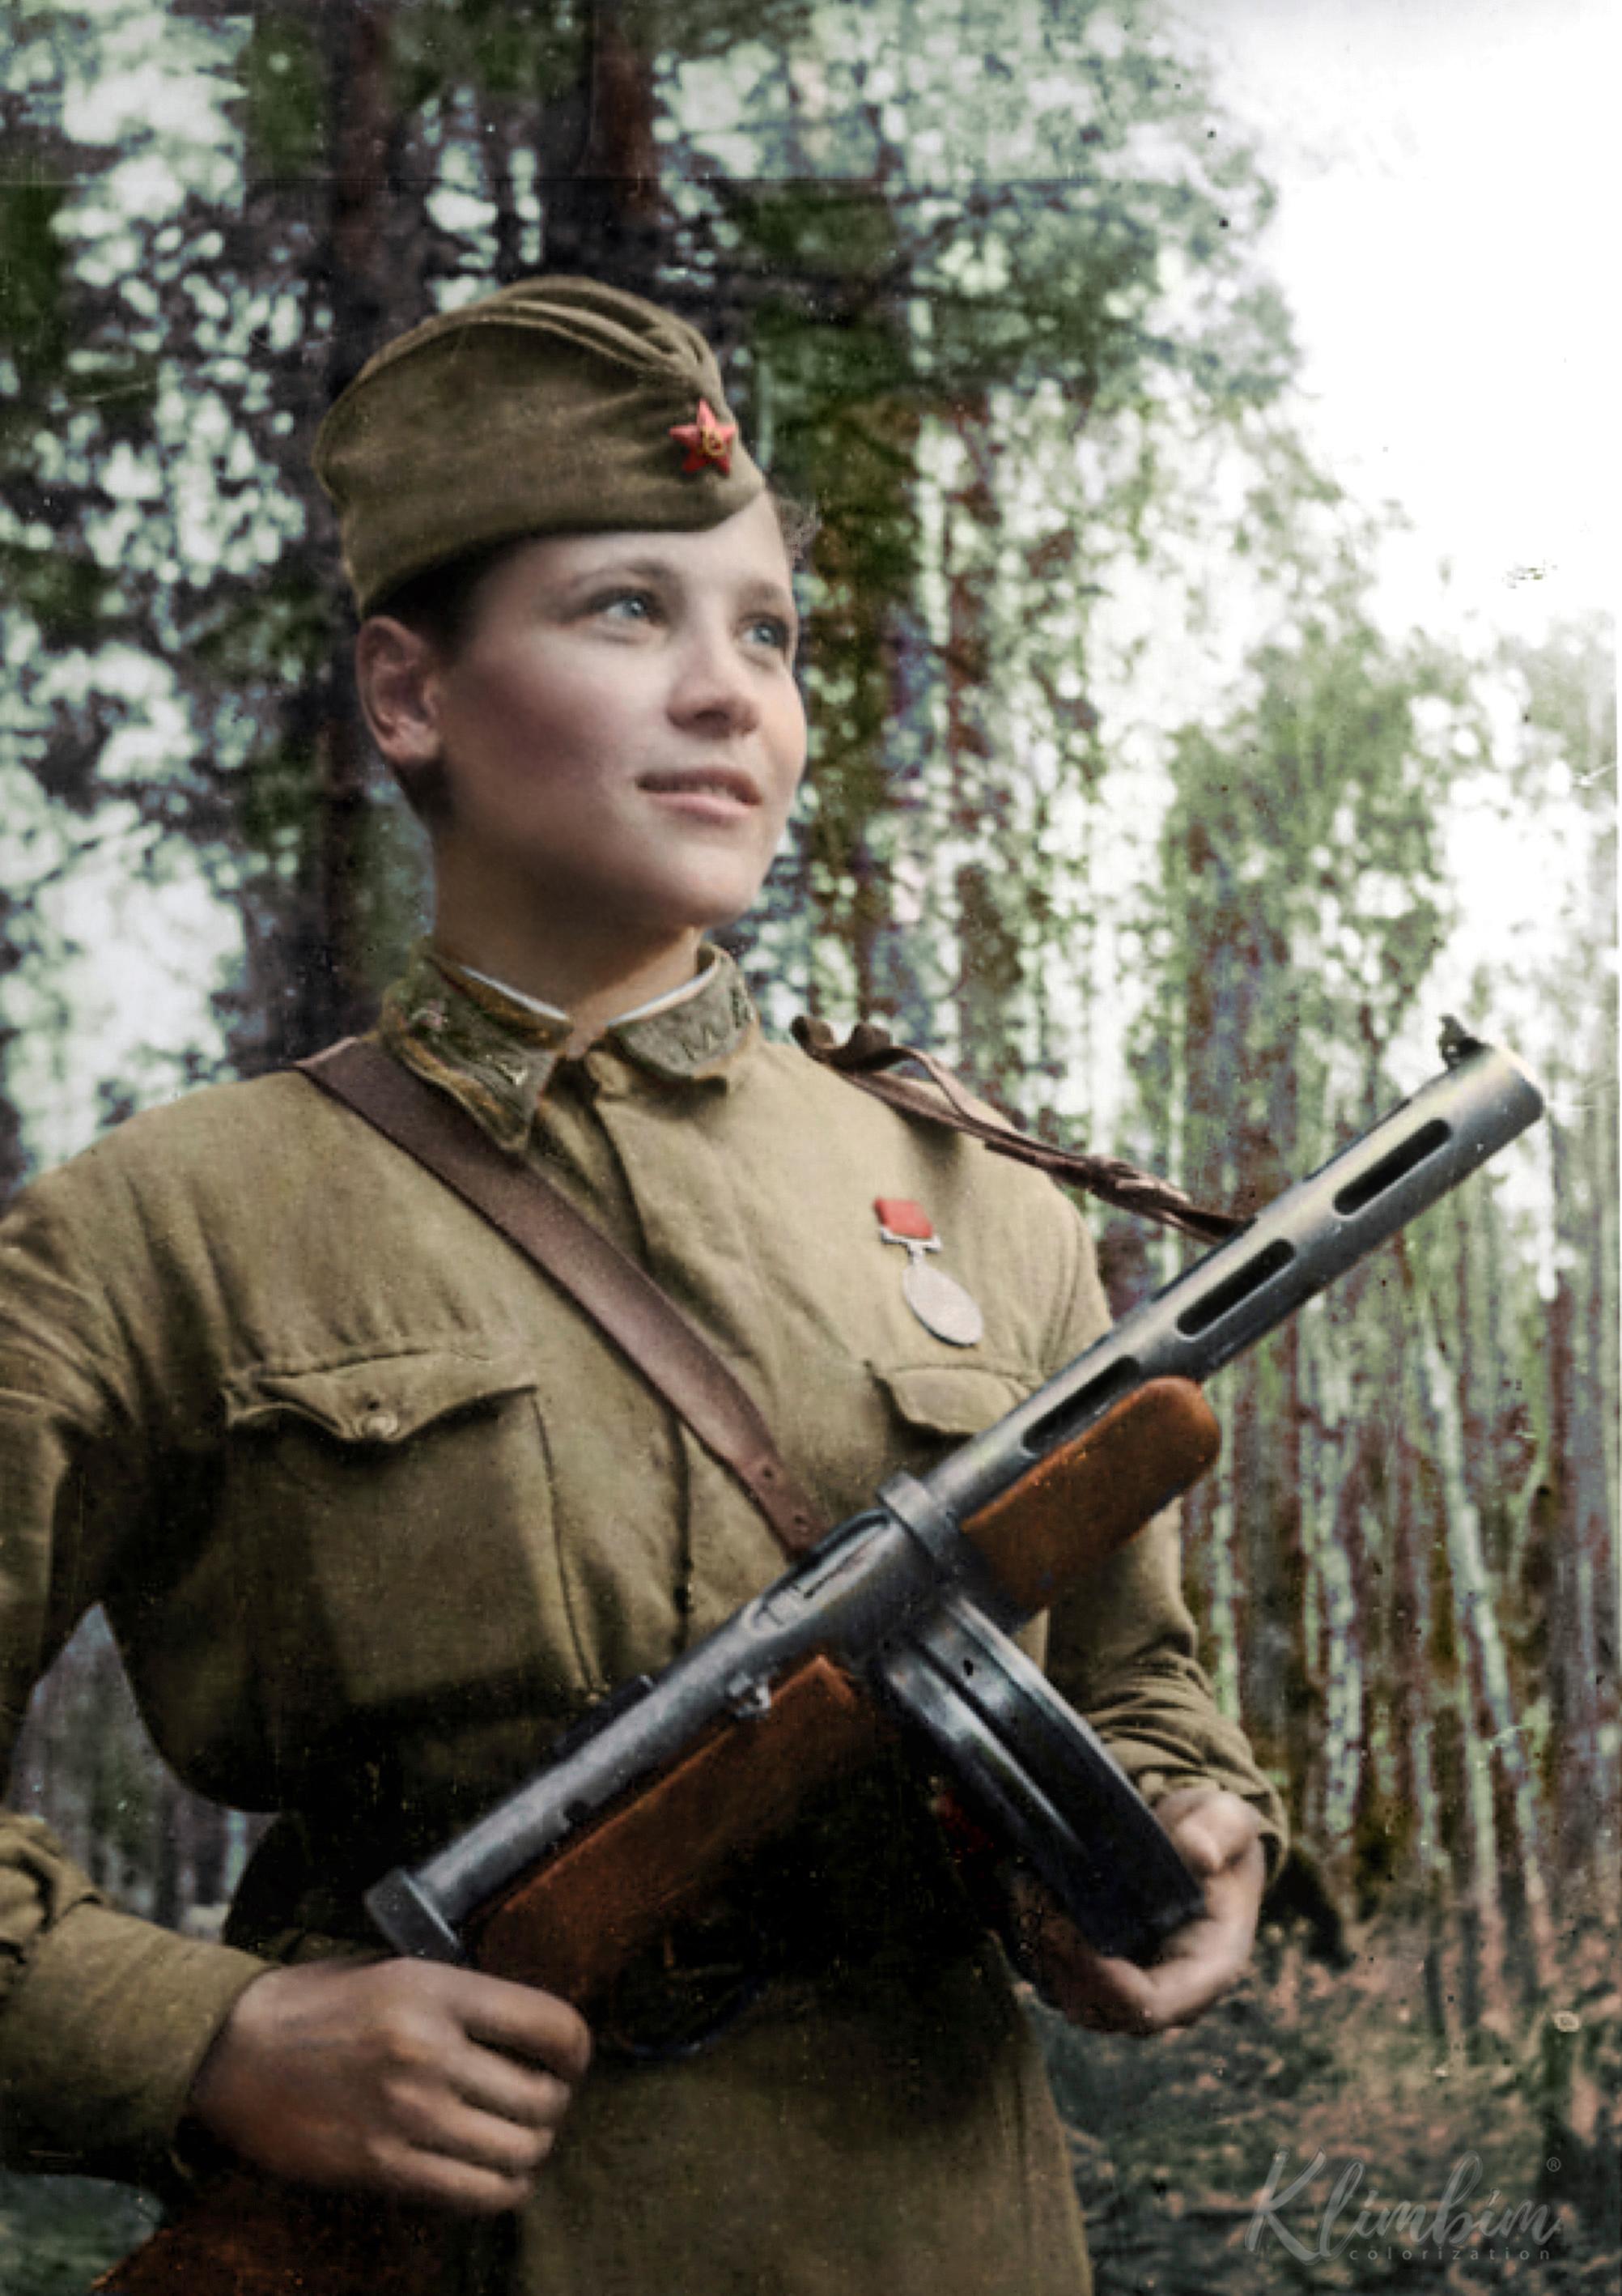 Карцева Любовь Иосифовна, 1922 г. р., санинструктор